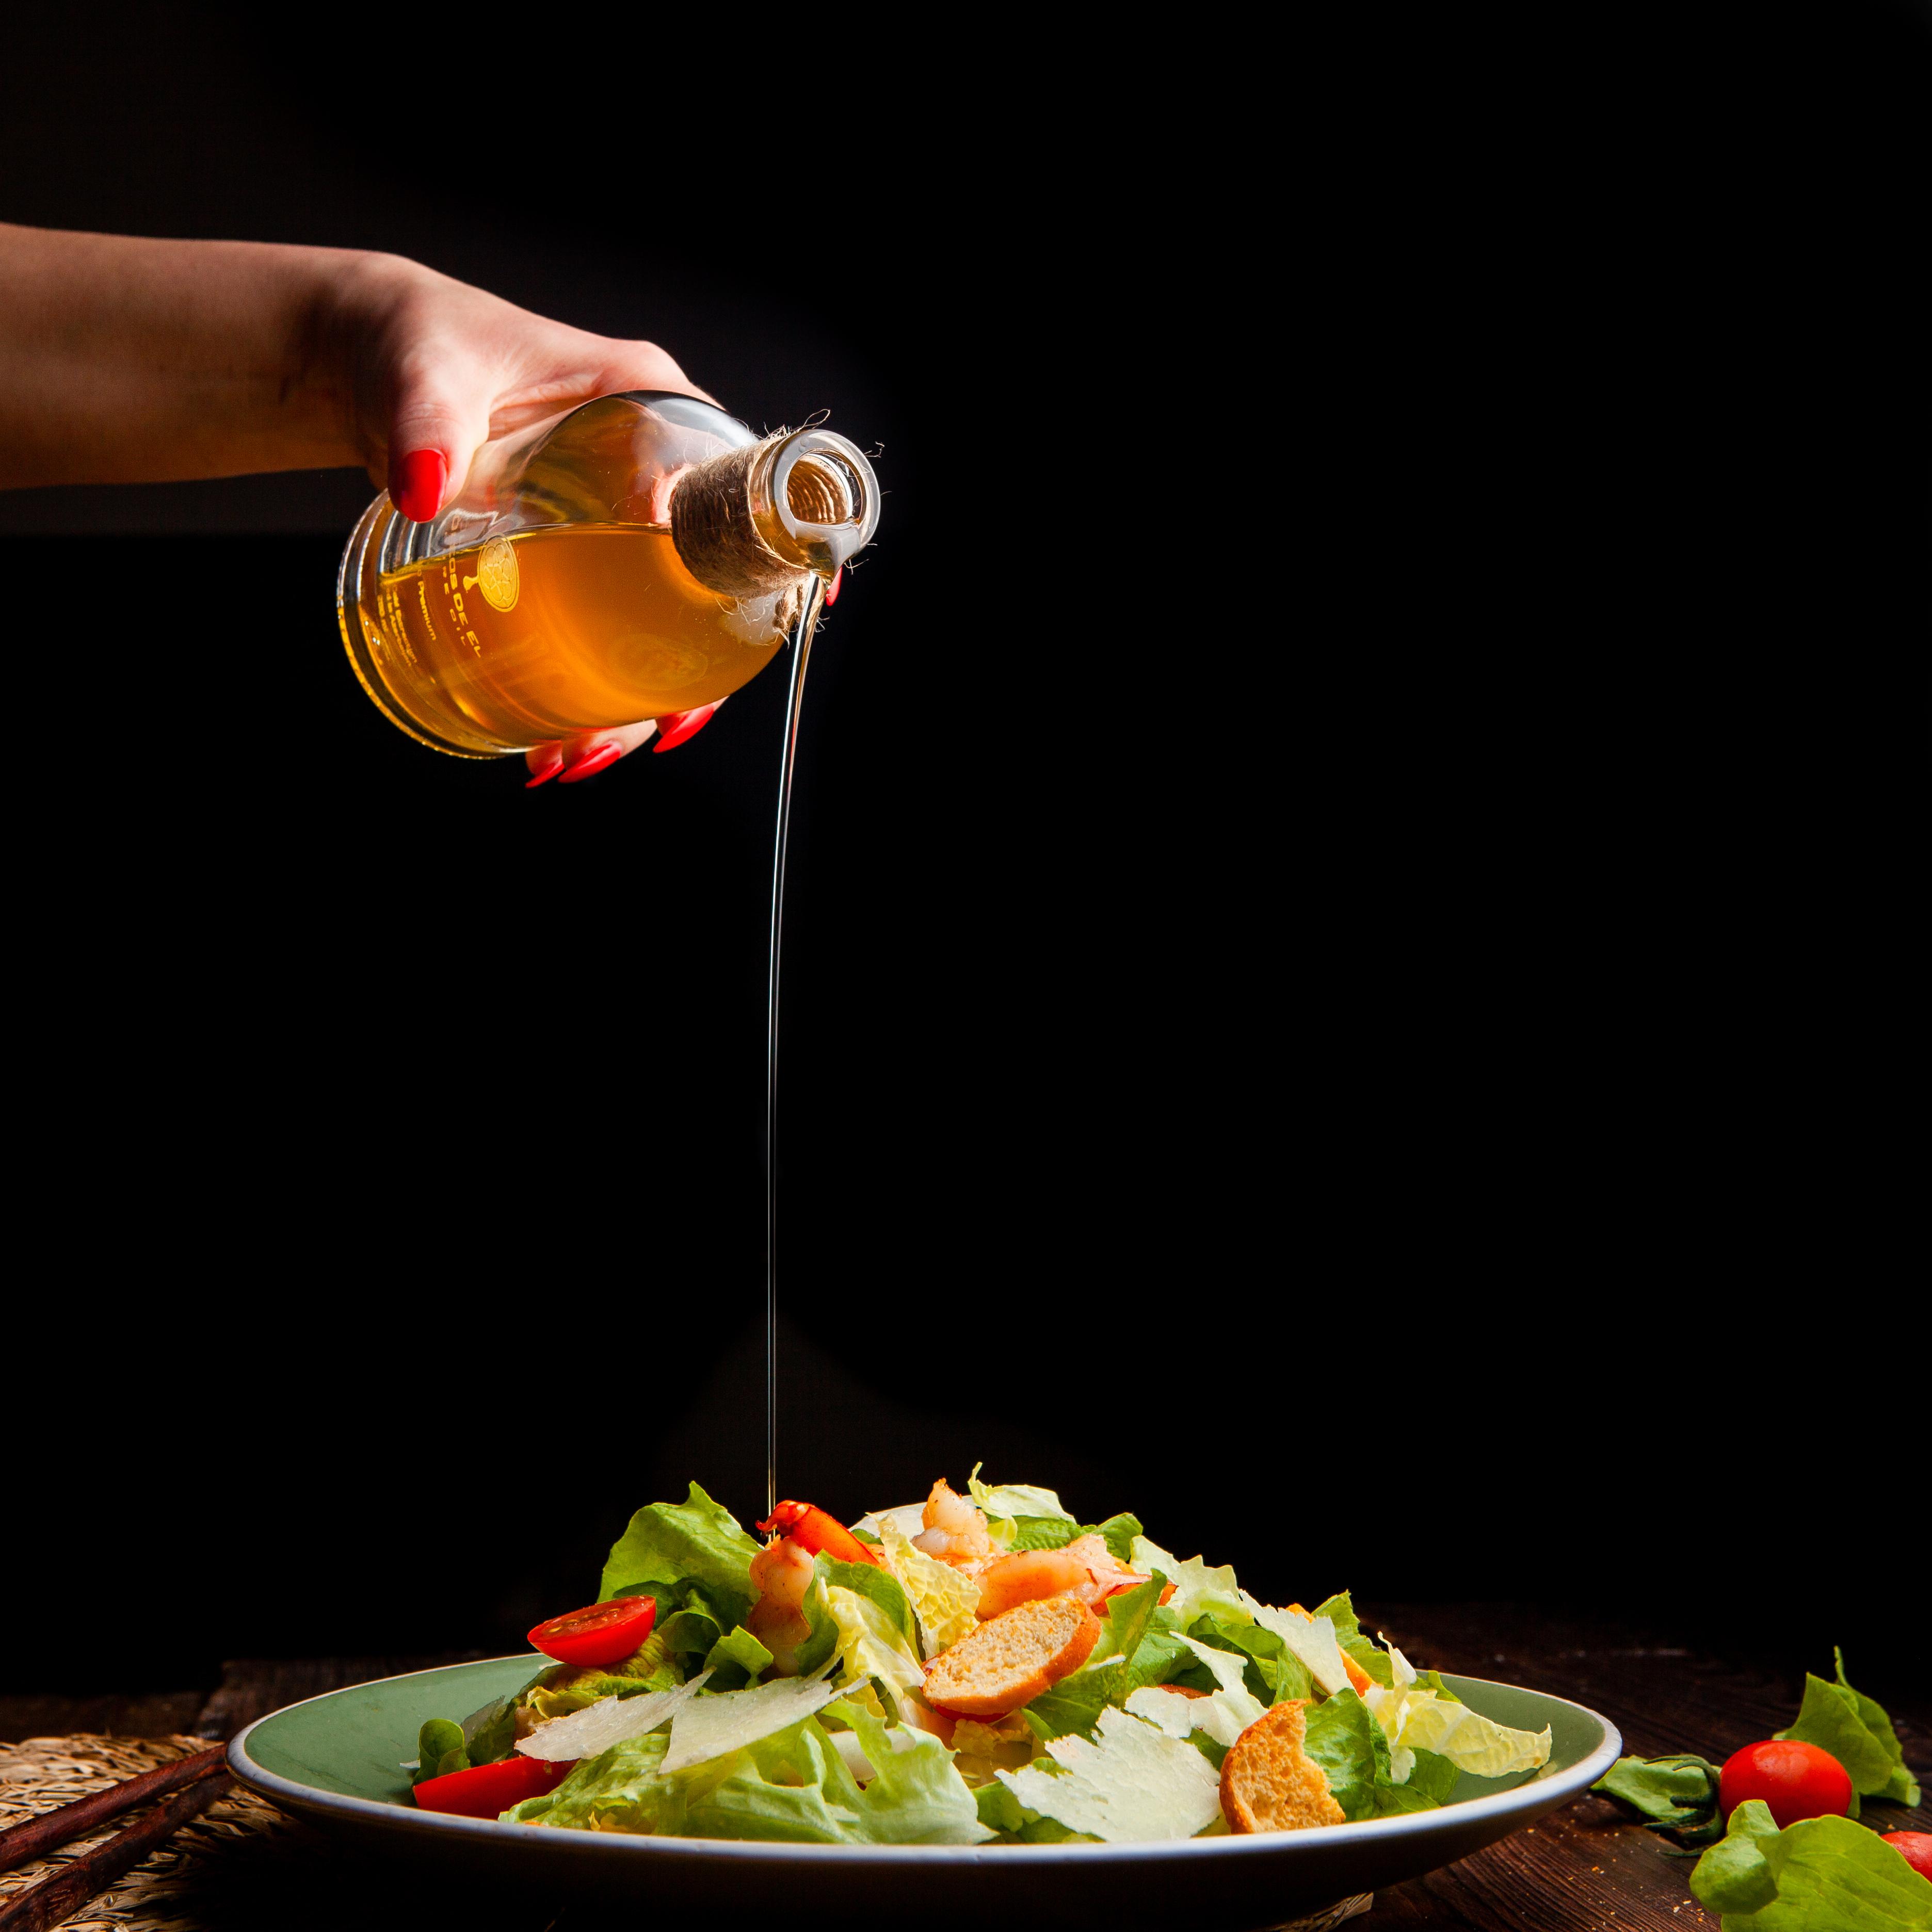 Azeite sendo utilizado em saladas e preparações frias